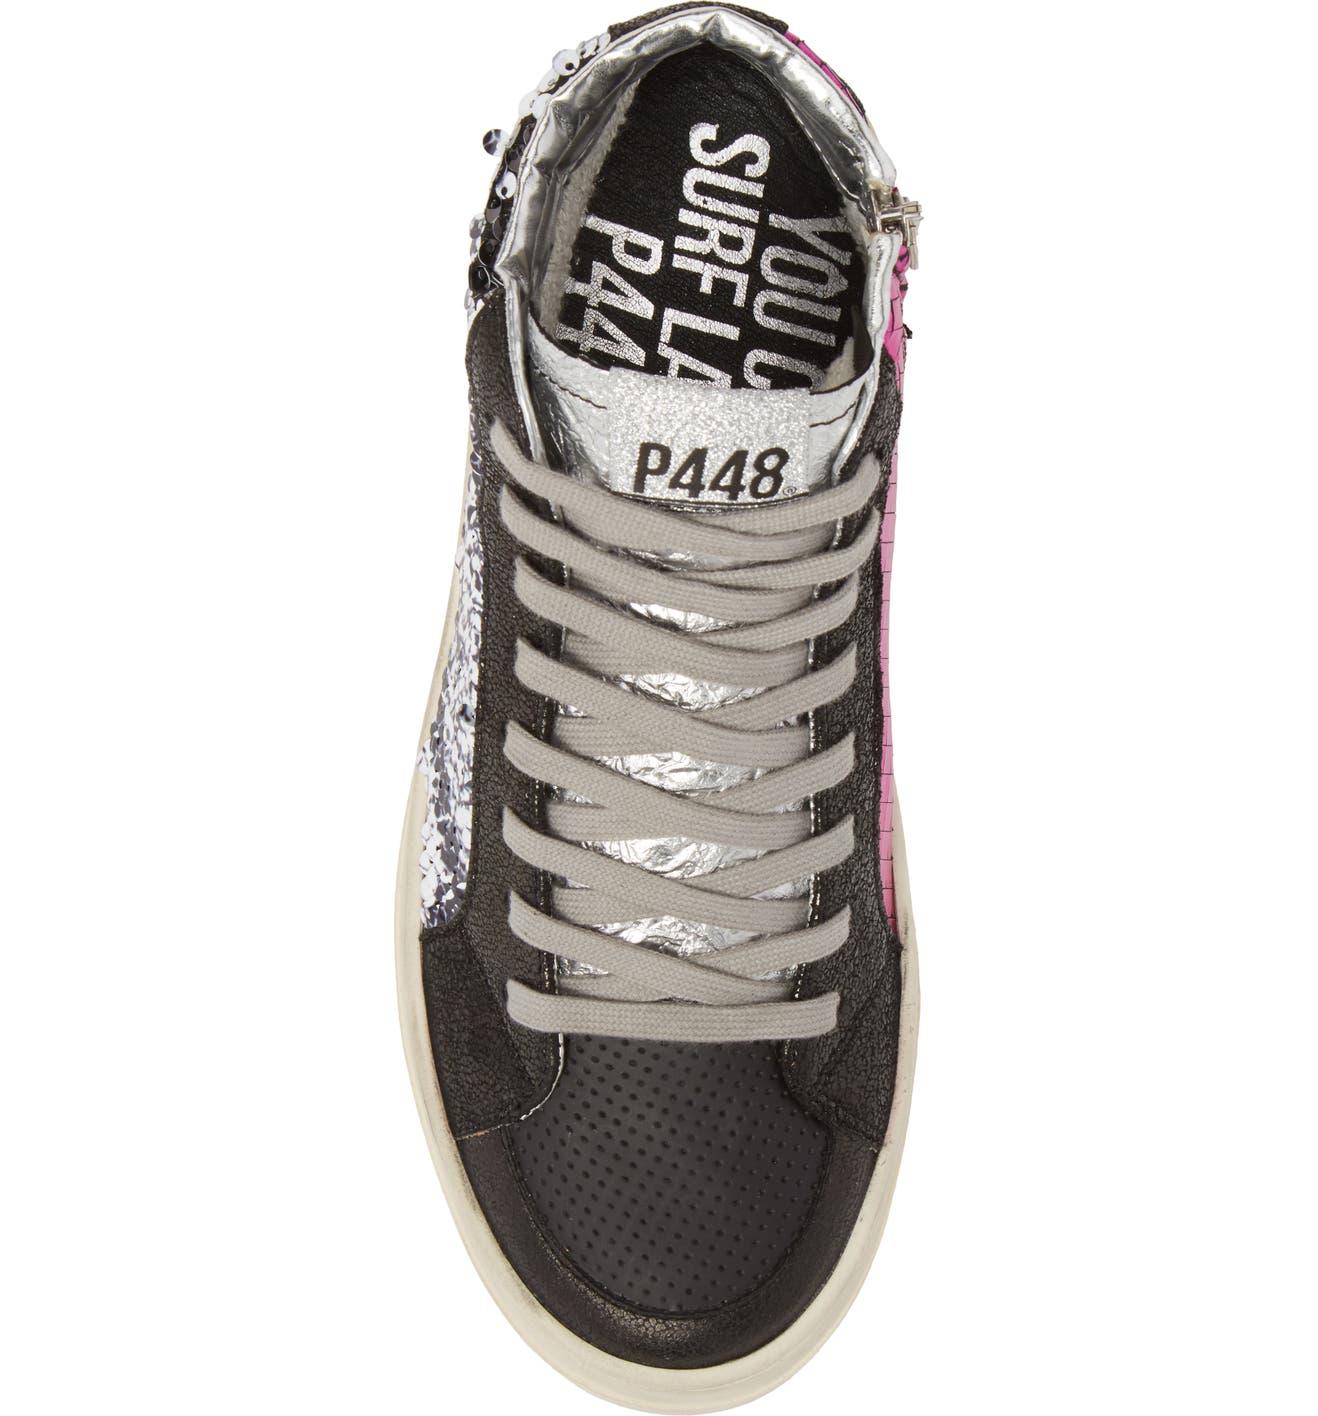 e17b8843ff71ae P448 Skate High Top Sneaker (Women)